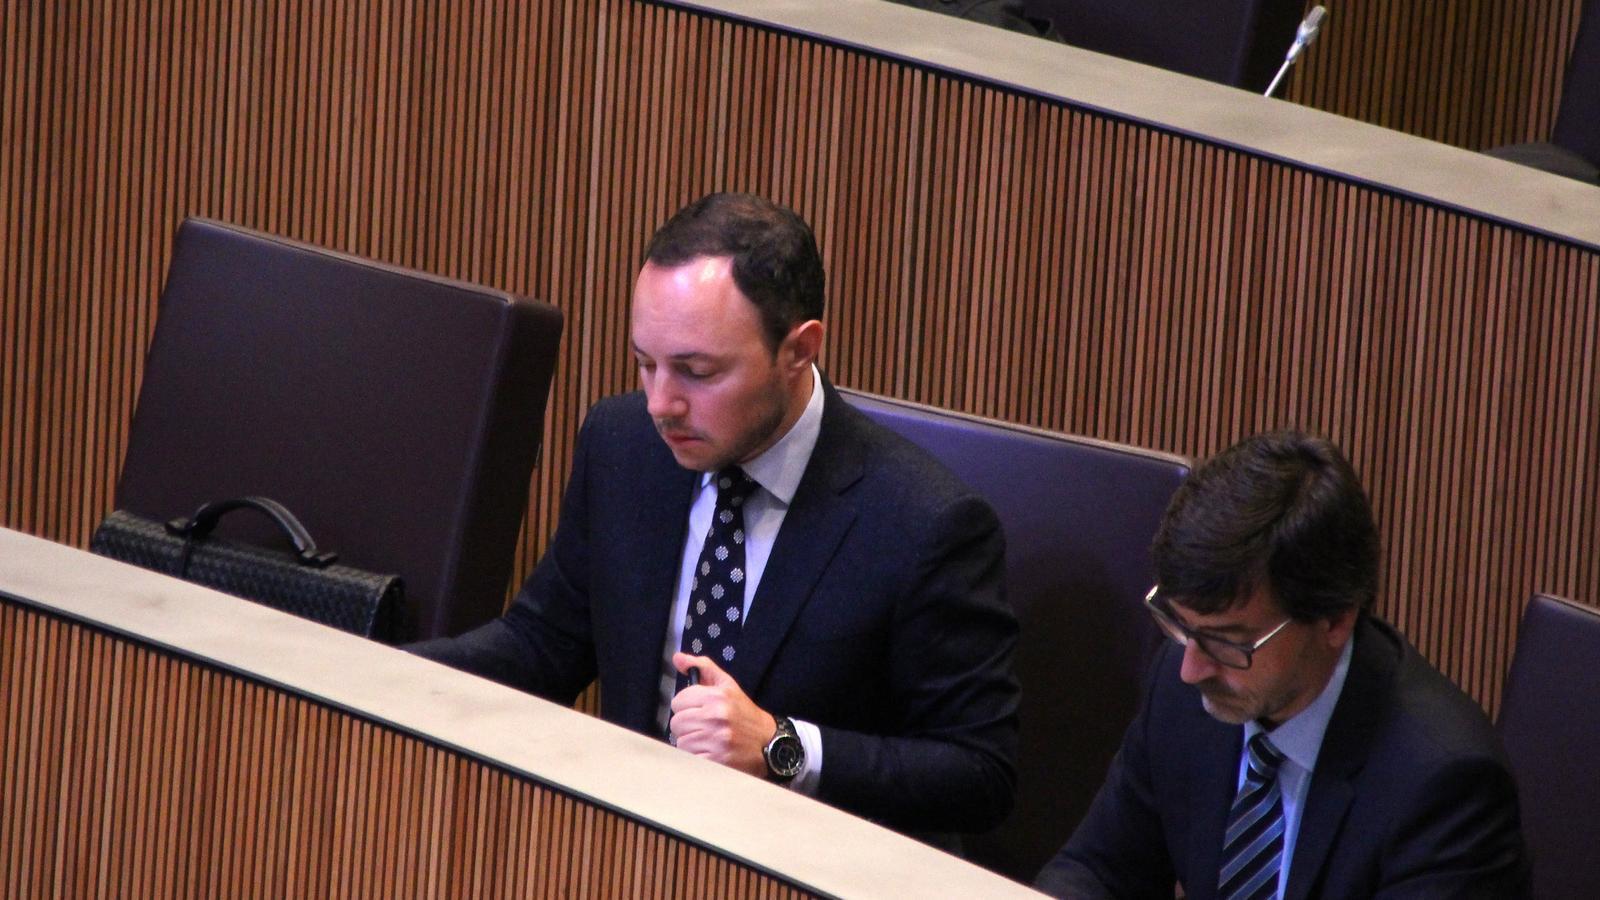 El ministre d'Afers Socials, Justícia i Interior, Xavier Espot, durant la sessió de preguntes que ha tingut lloc aquest dijous al Consell General. / M. F. (ANA)